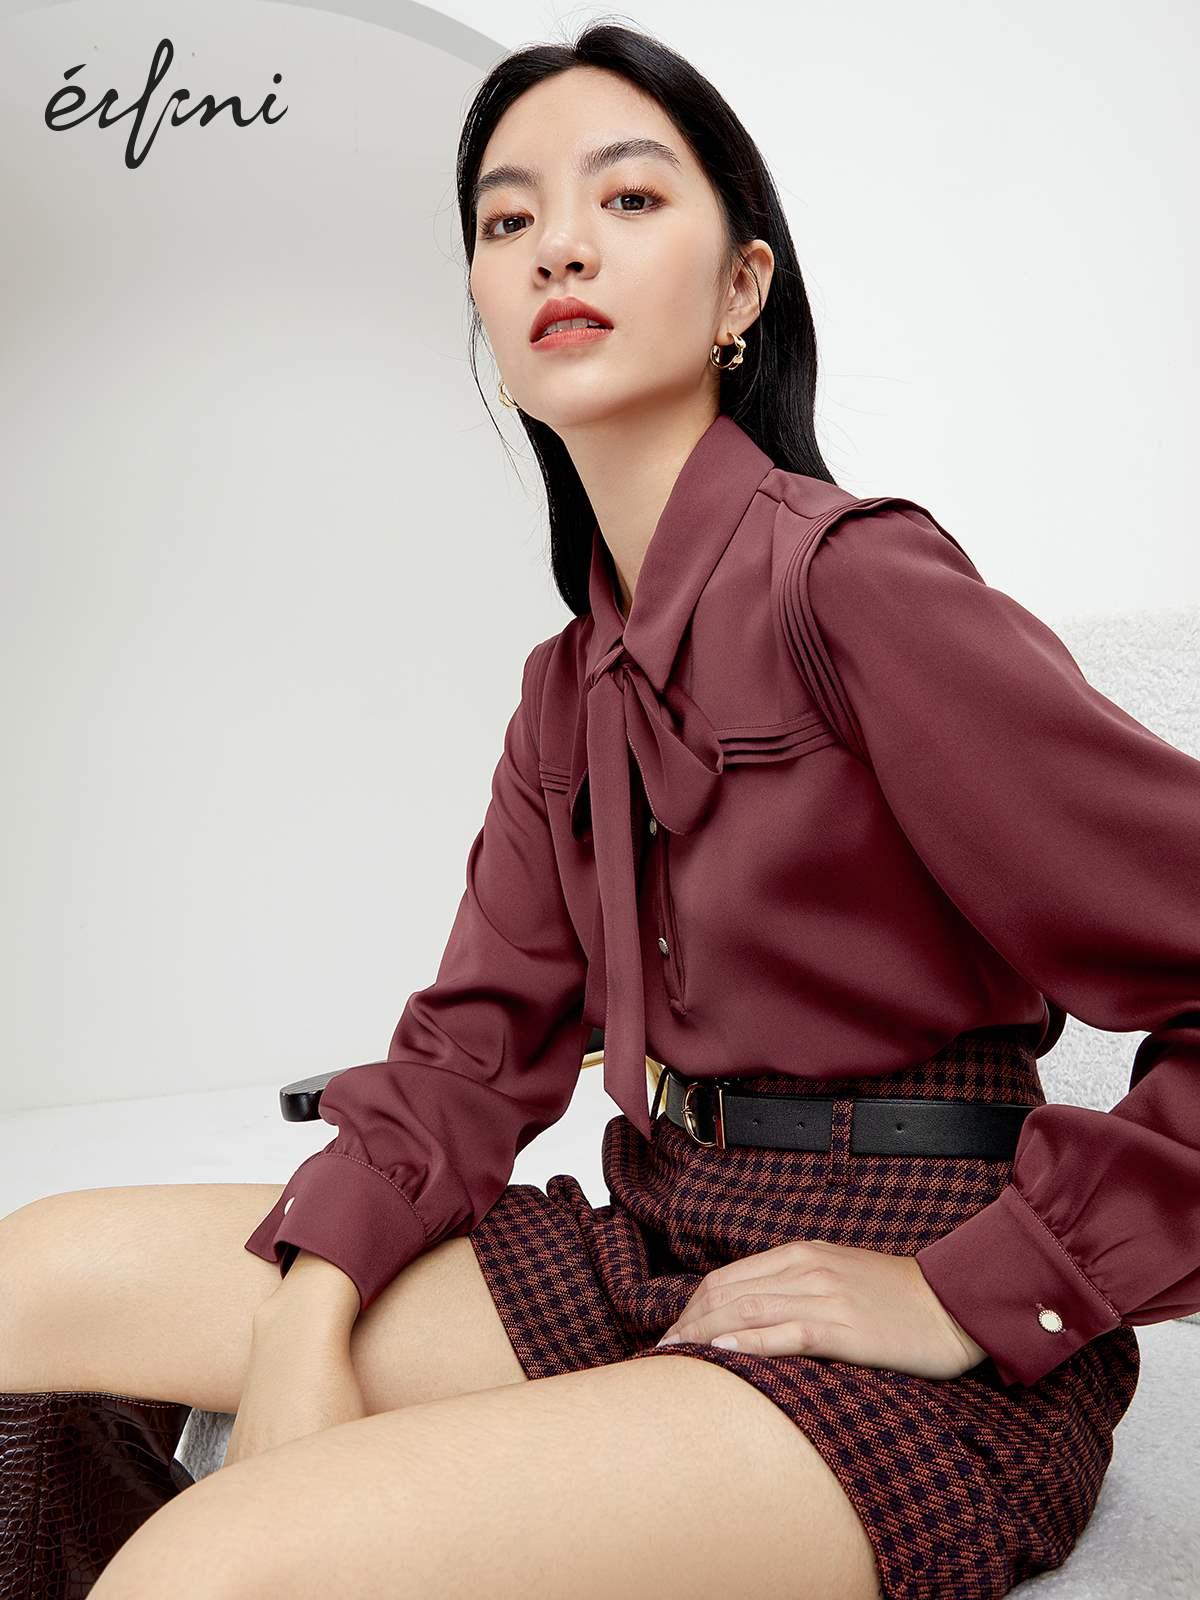 伊芙丽雪纺衫 伊芙丽女人味上衣2020年新款复古飘带领内搭衬衫宽松长袖雪纺衫女_推荐淘宝好看的伊芙丽雪纺衫